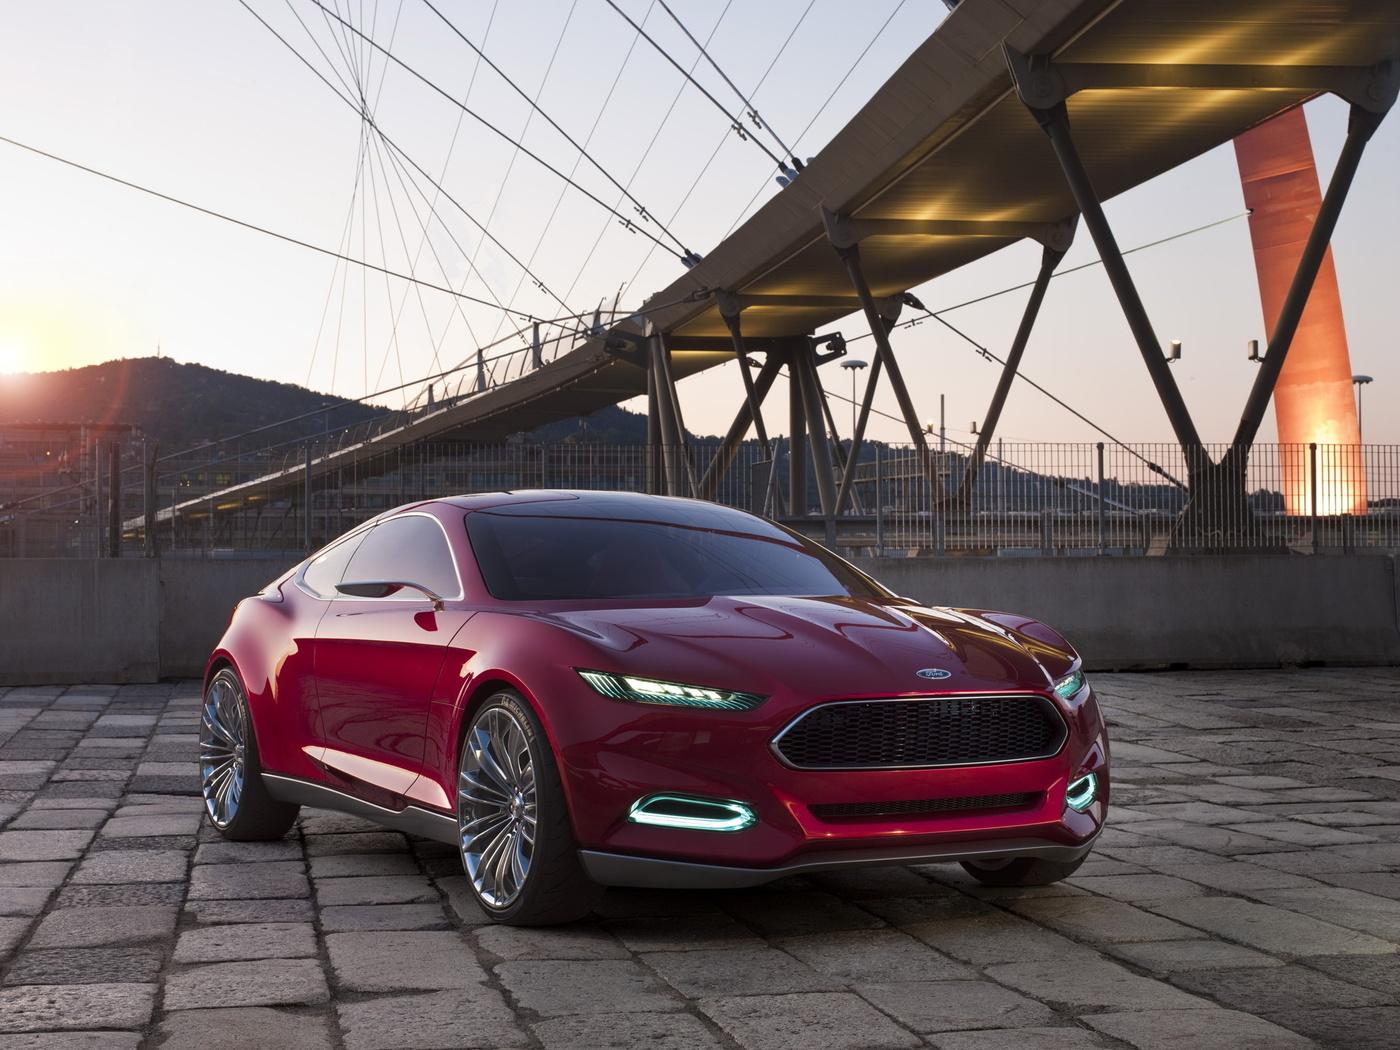 фары, evos, форд, concept, передок, красный, эвос, Ford, концепт